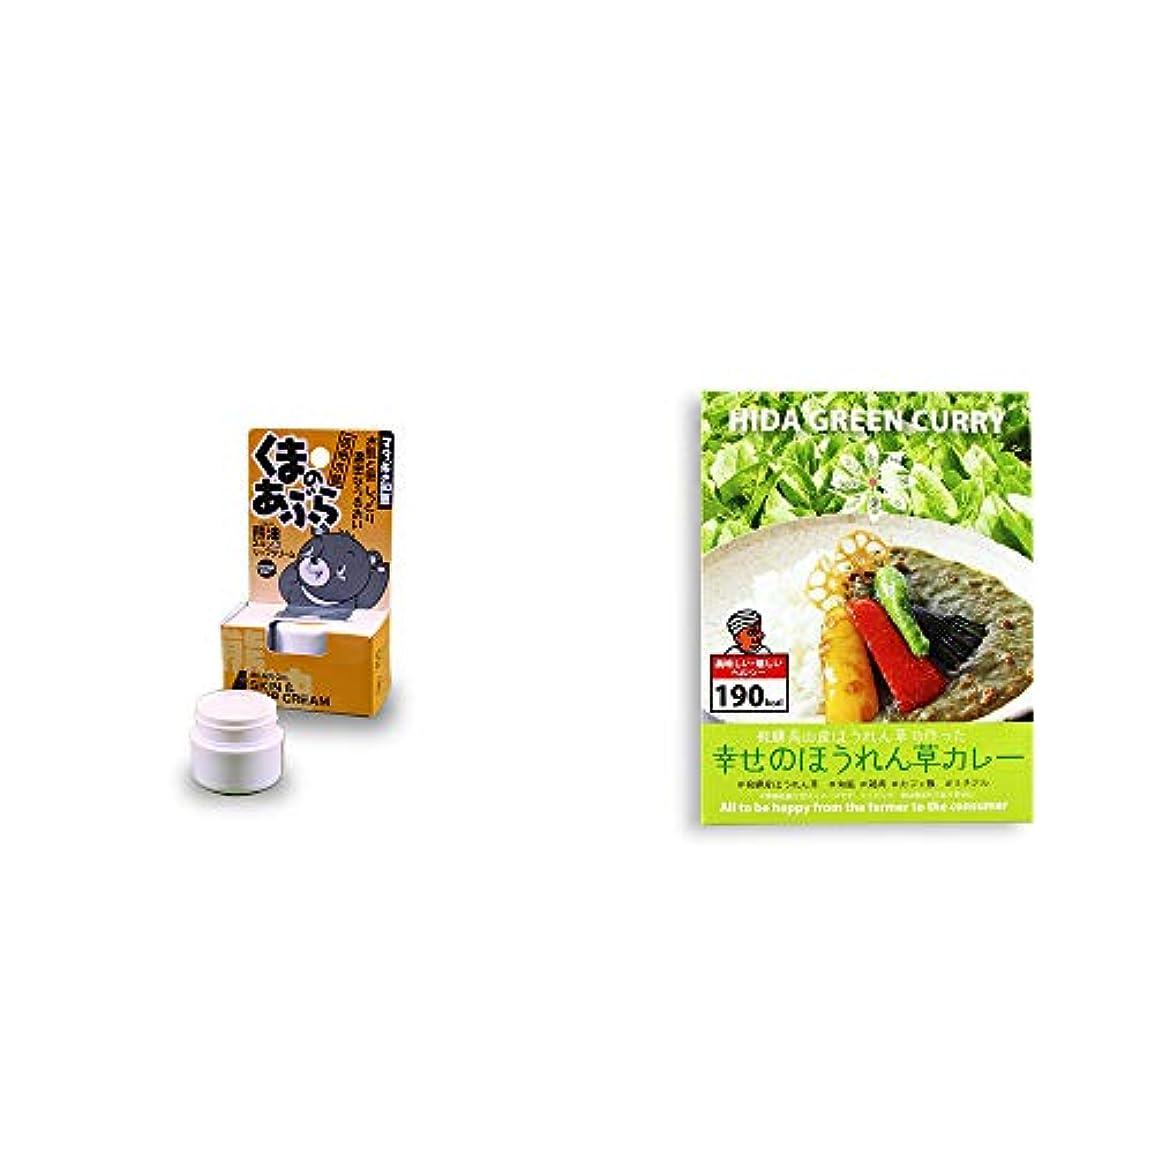 事ずるい割れ目[2点セット] 信州木曽 くまのあぶら 熊油スキン&リップクリーム(9g)?飛騨産 幸せのほうれん草カレー(180g)